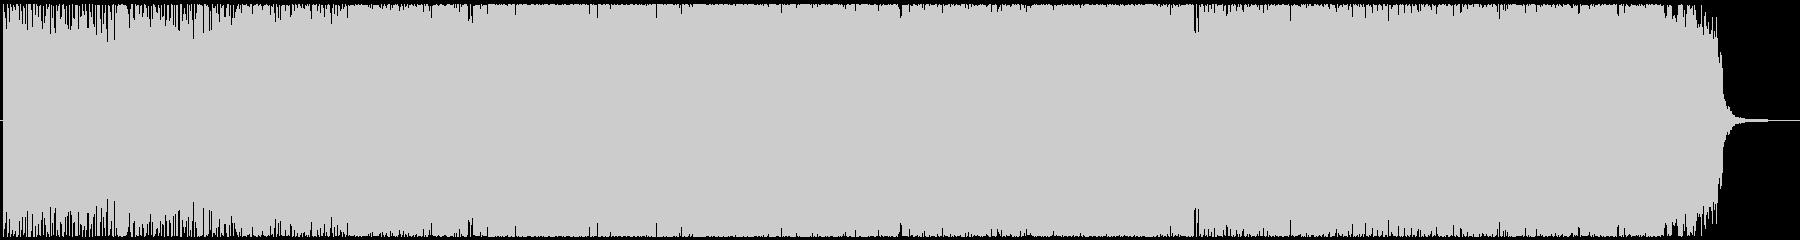 ボス戦向き変拍子プログレハードインストの未再生の波形